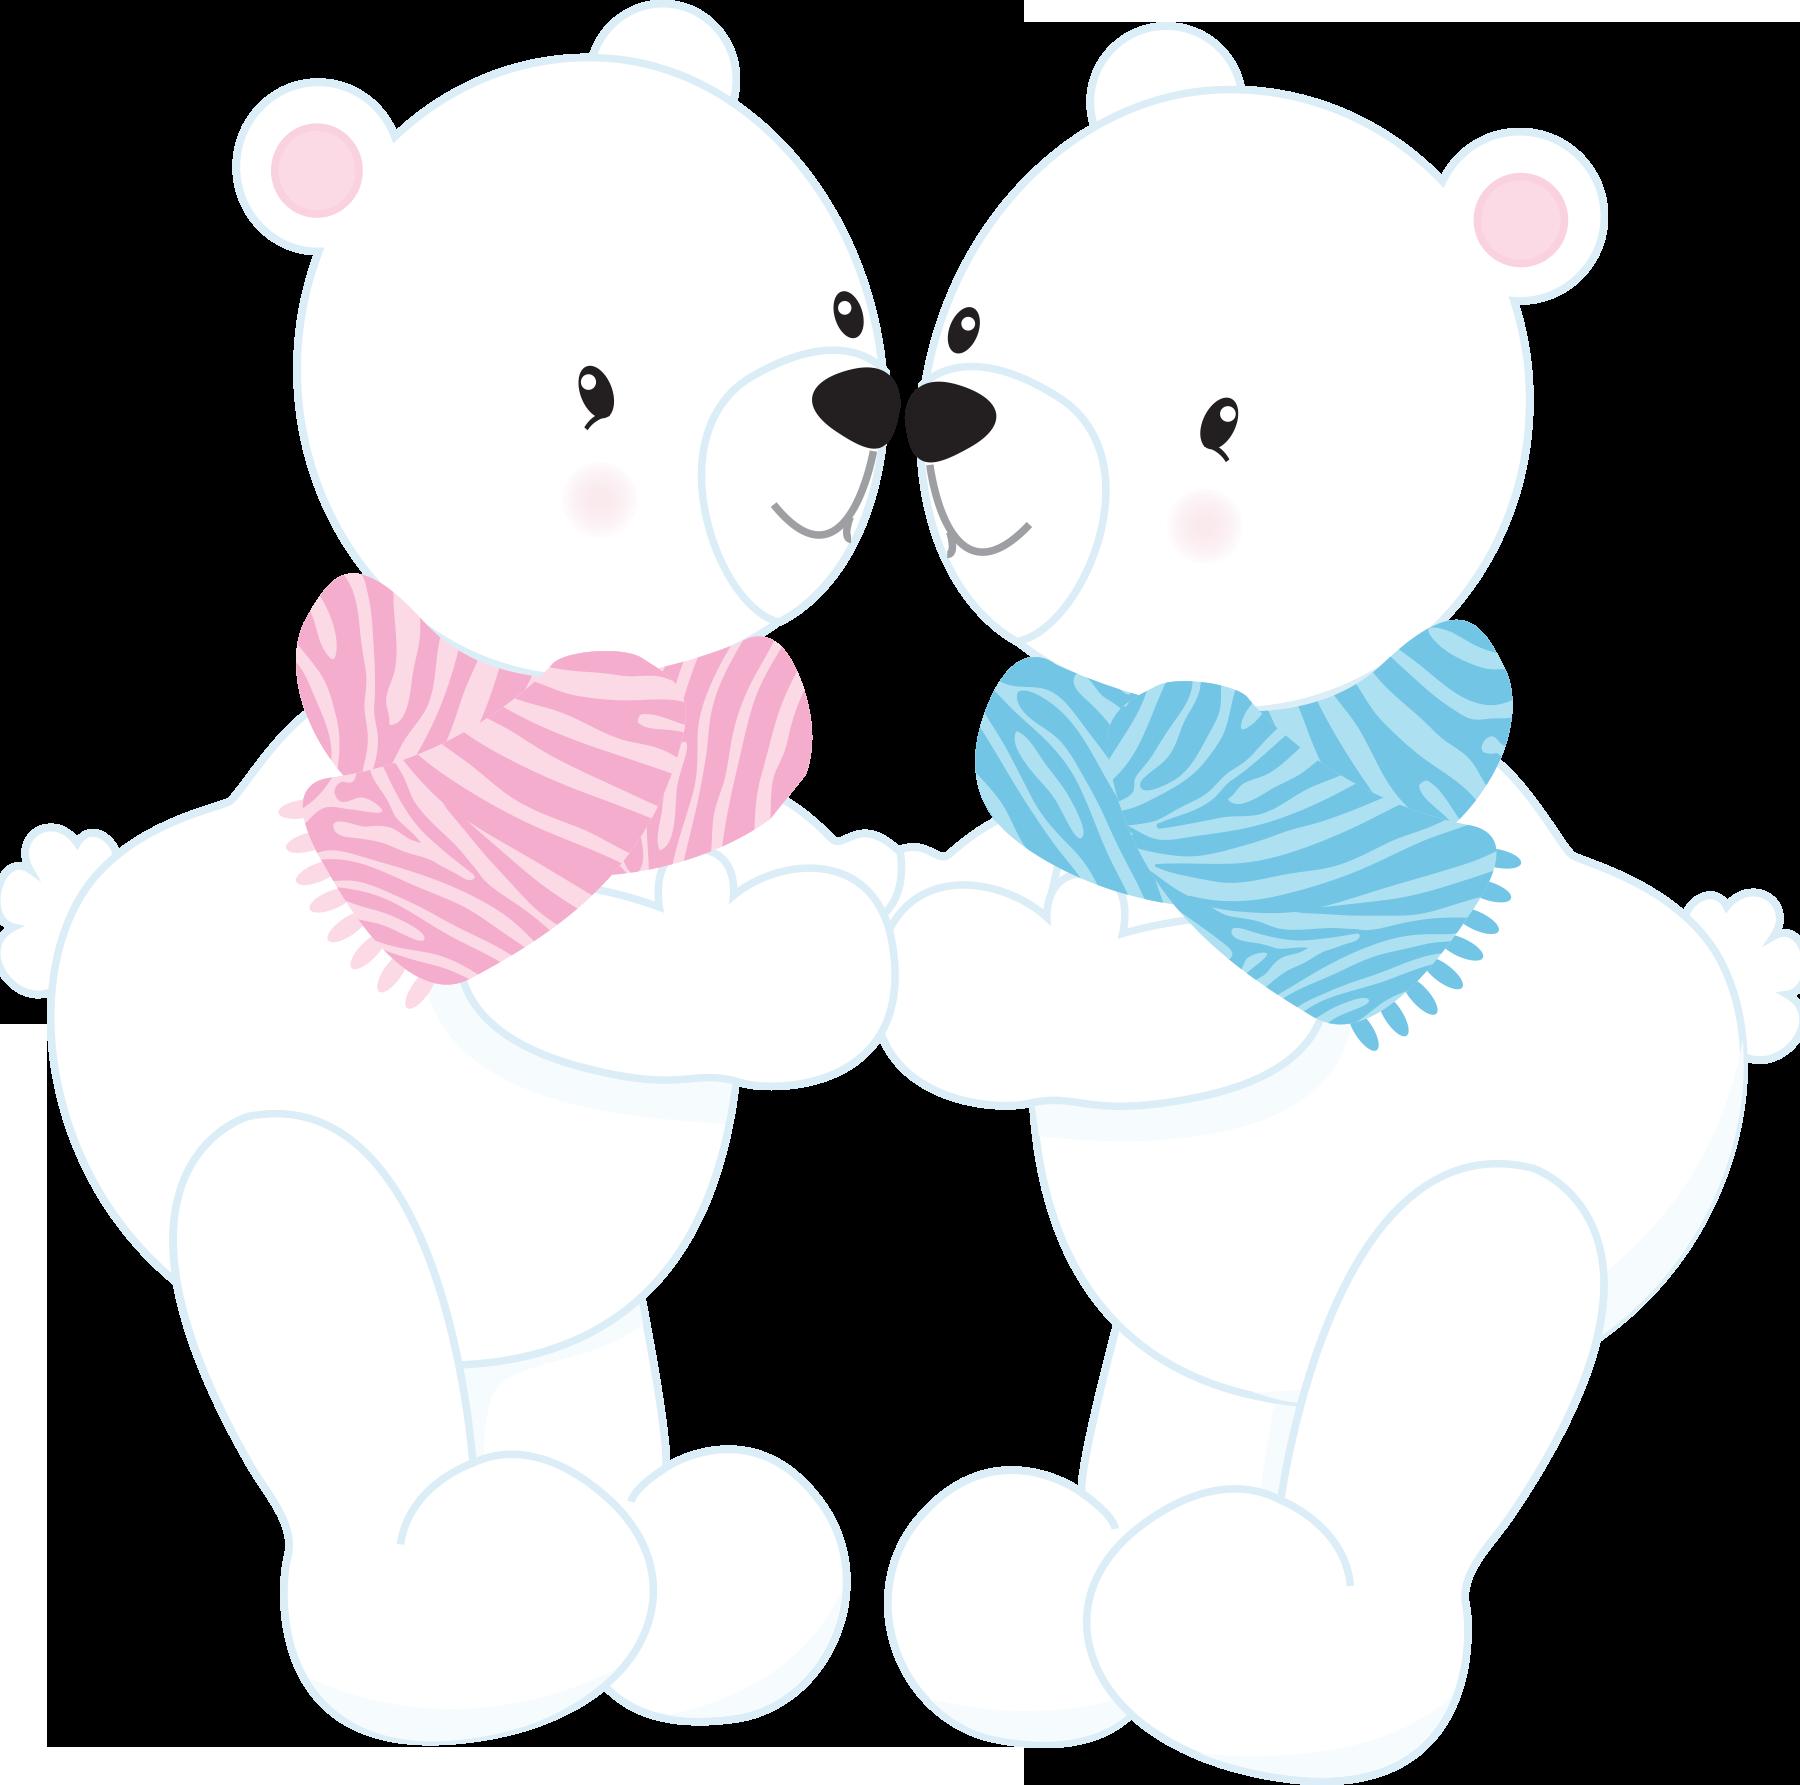 Hug clipart polar bear. Iqwxy ydo po png